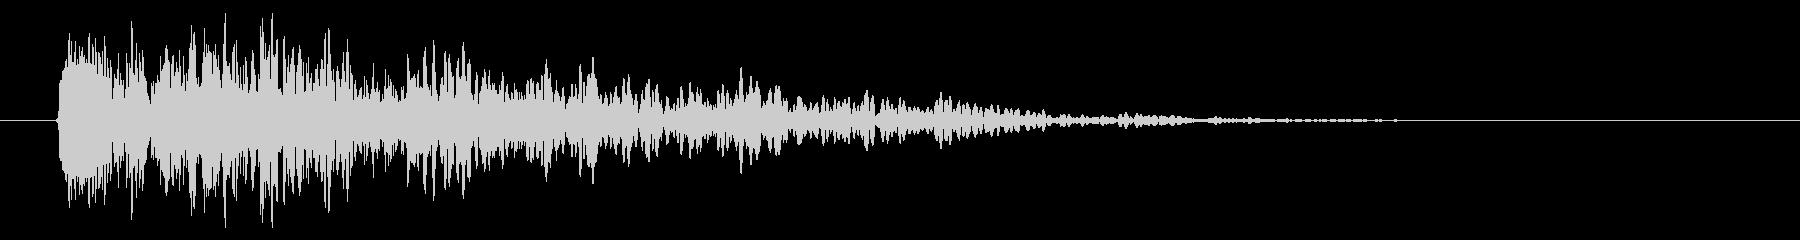 ドカーン/衝撃の未再生の波形